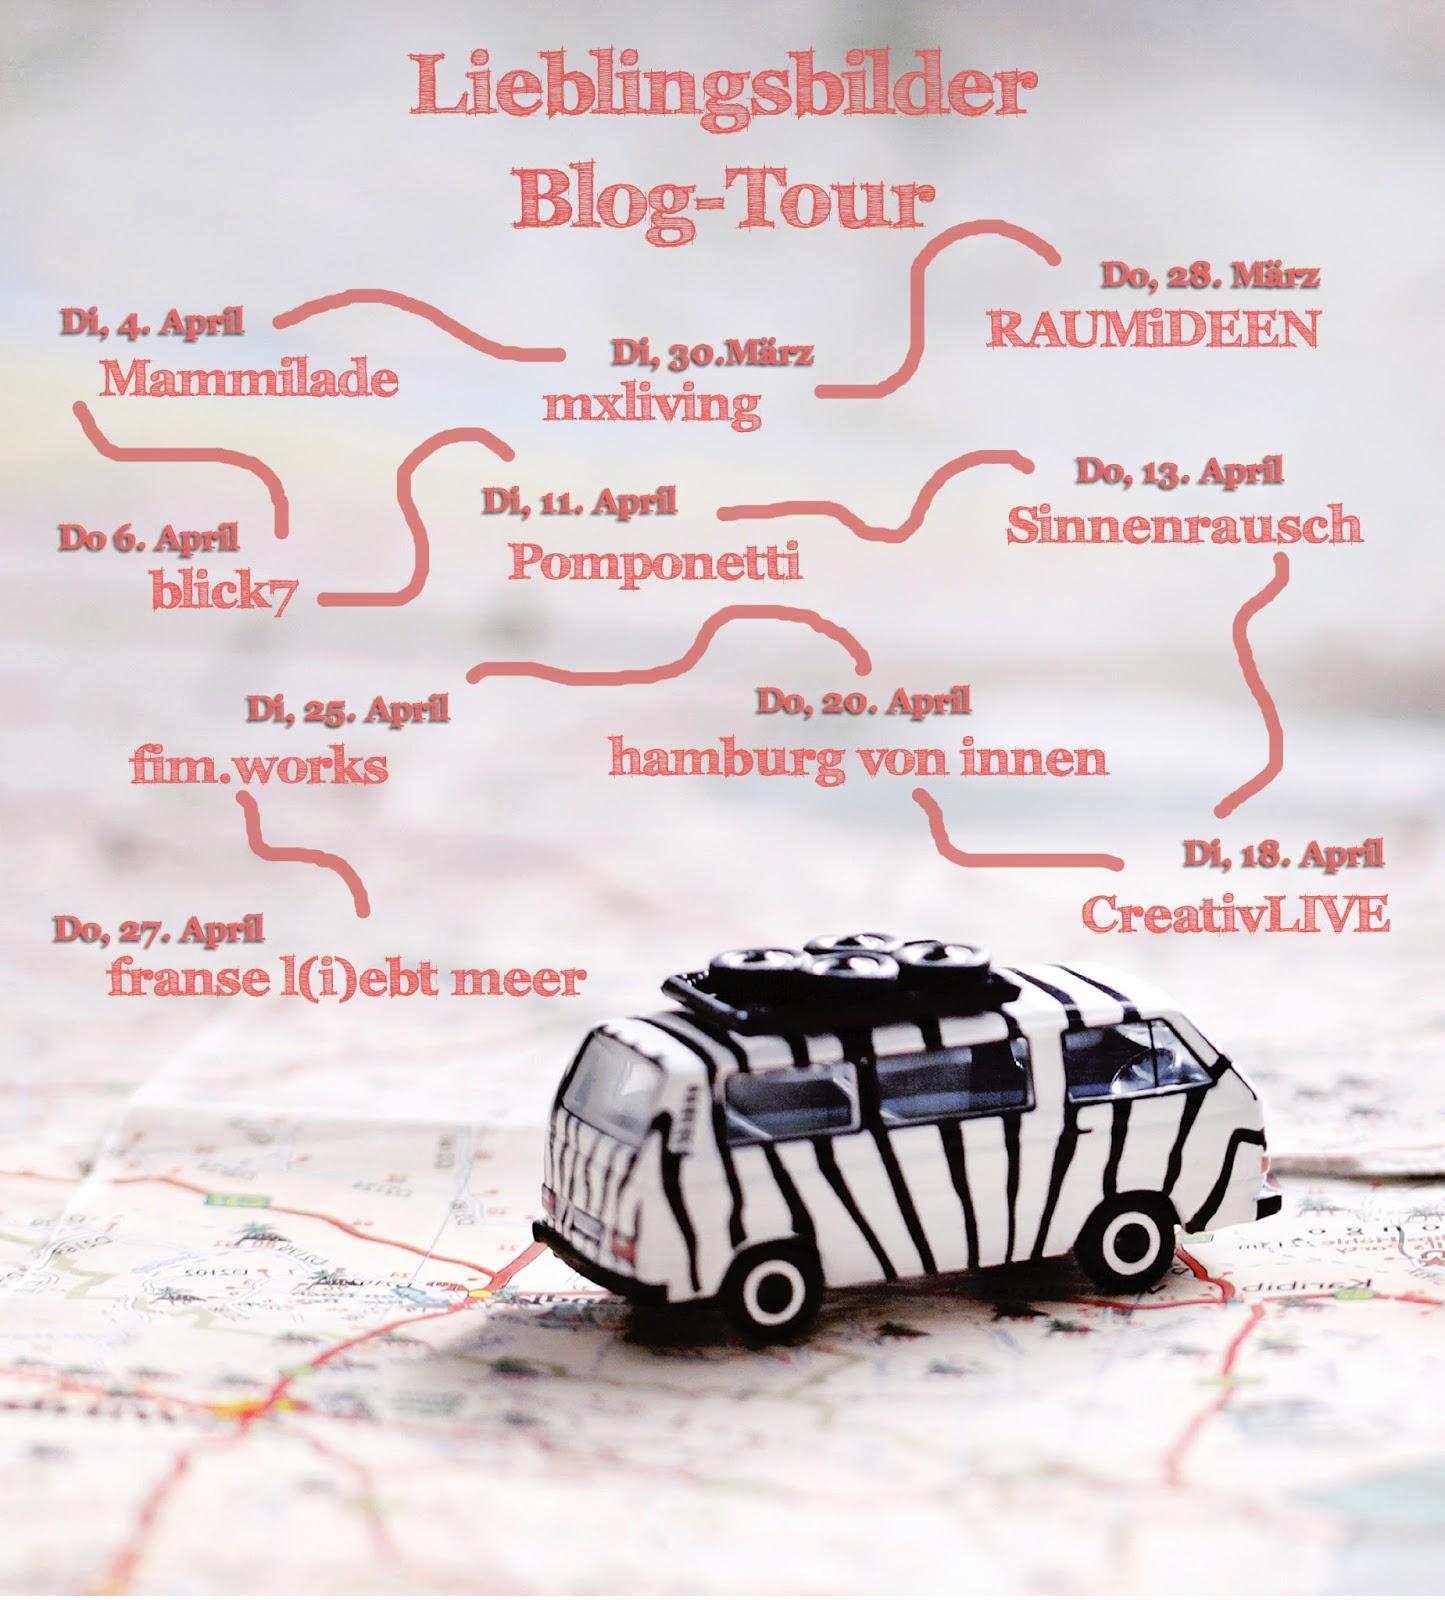 3 schnelle DIY-Ideen für das Aufhängen von Lieblingsfotos | Buchvorstellung Lieblingsbilder DIY-Projekte mit Fotos von Ina Mielkau | Auf der Mammilade|n-Seite des Lebens | Personal Lifestyle und Interior Blog